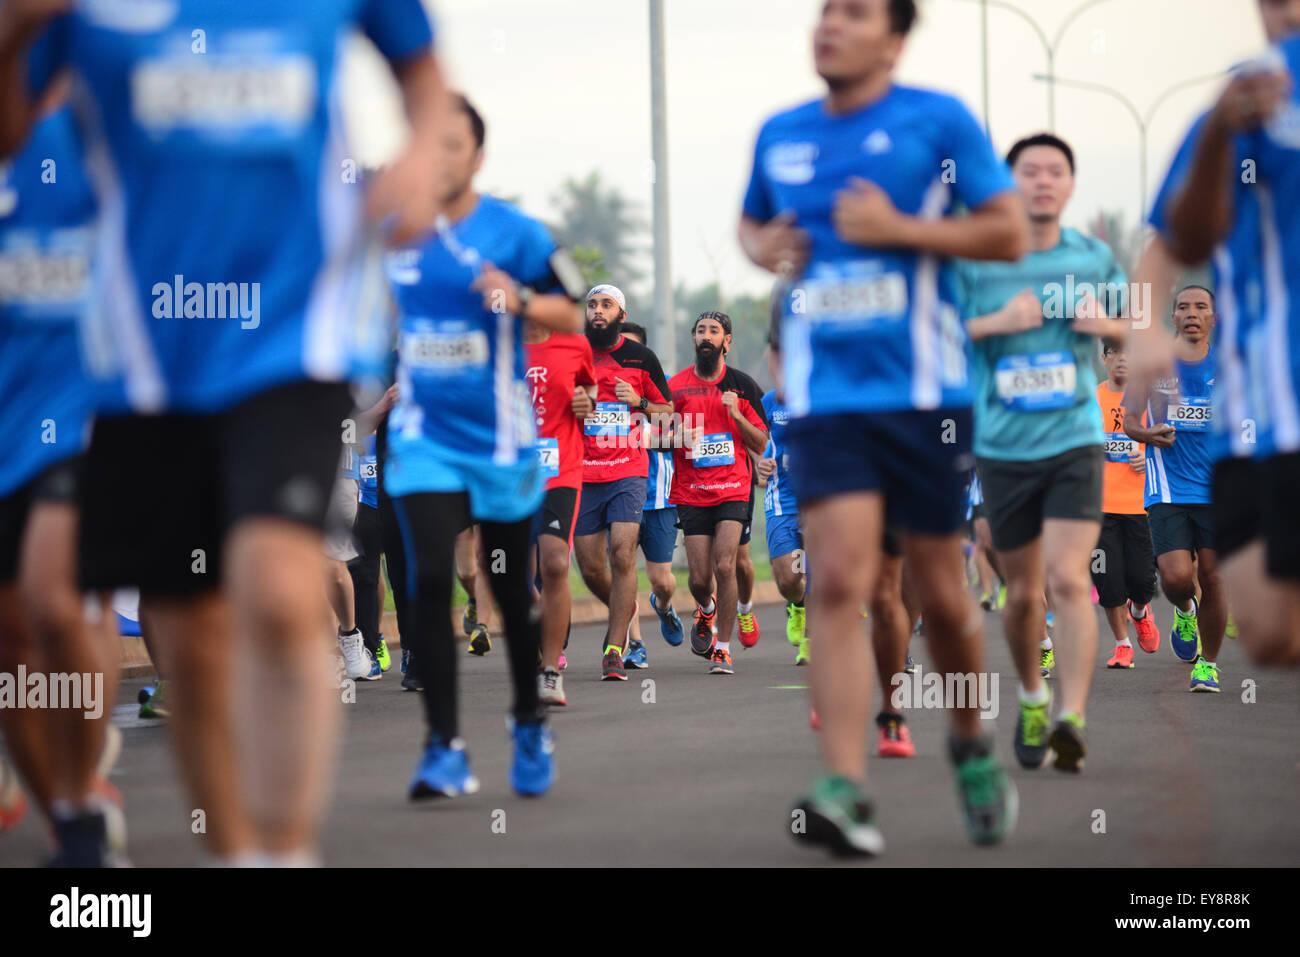 Städtischen Laufwettbewerb. Trendige Lifestyle-Sportart in Indonesien. Stockbild